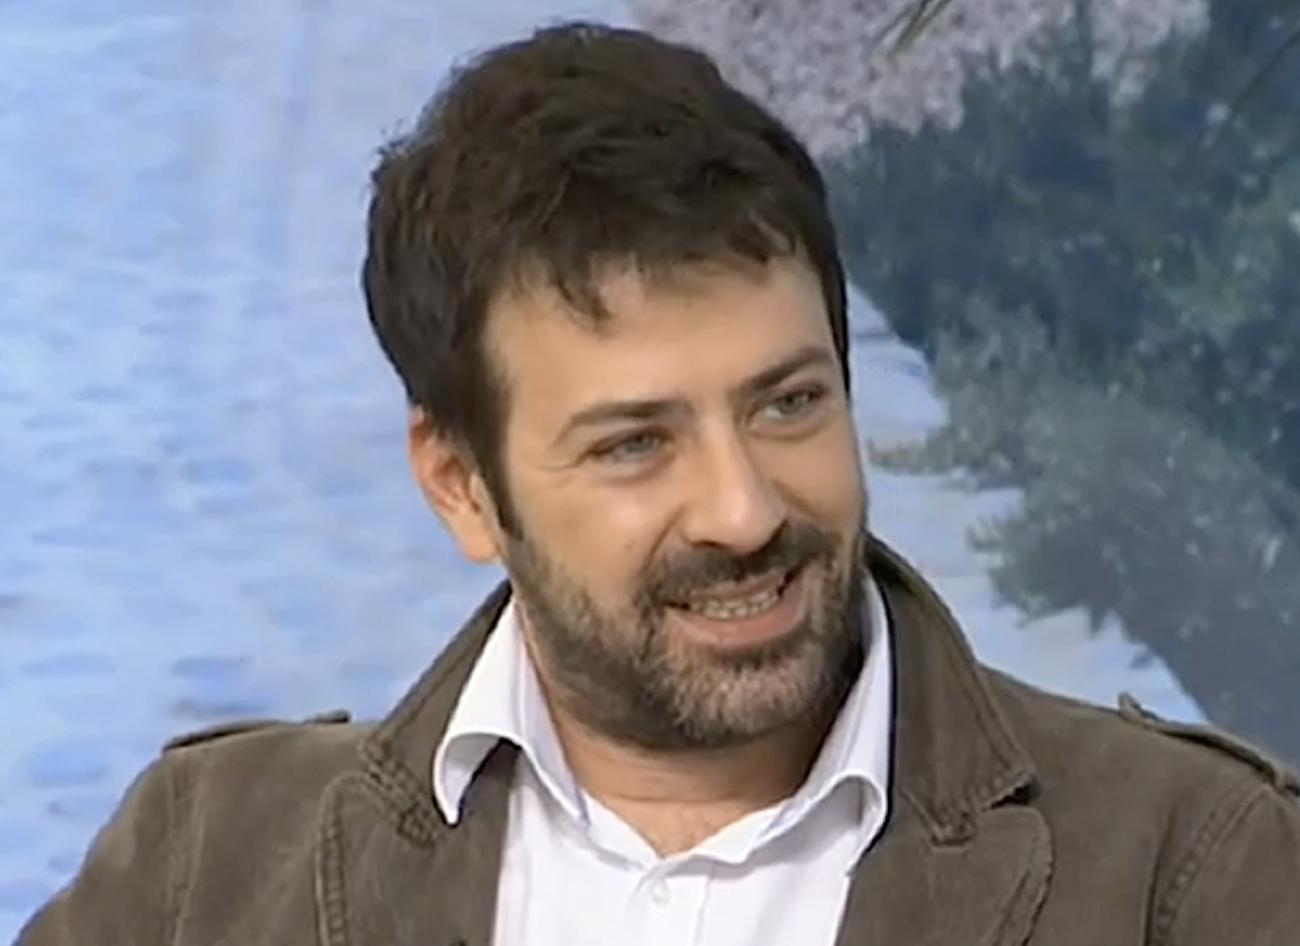 Πέτρος Φιλιππίδης: Ο Πέτρος Μπουσουλόπουλος ξεκαθαρίζει την «παρεξήγηση»